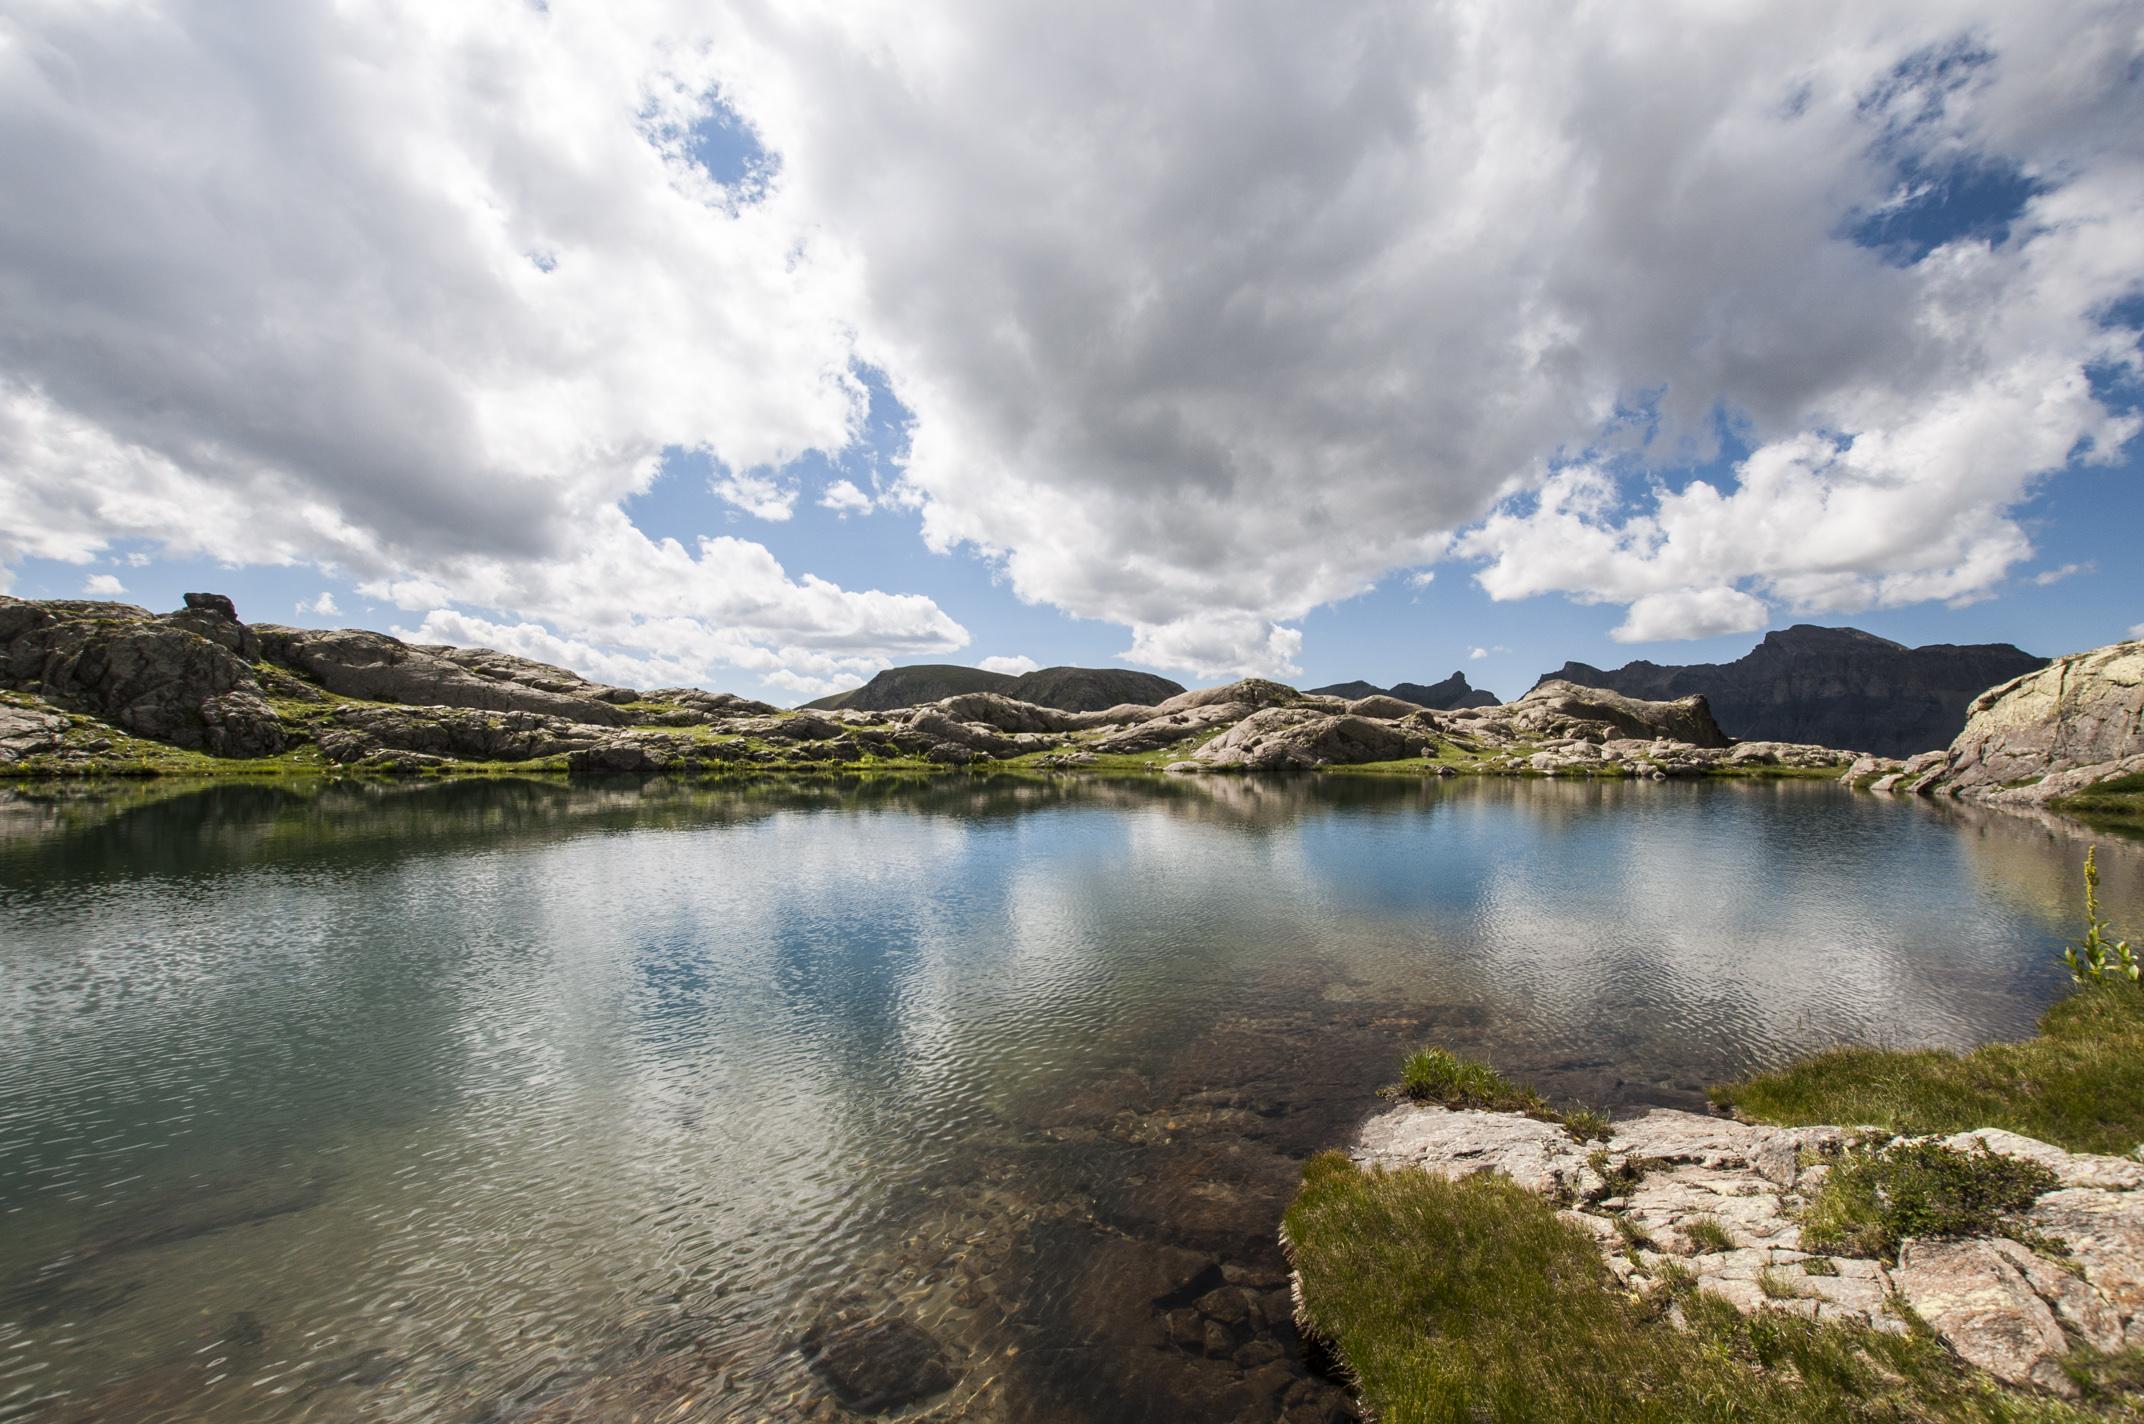 Lacs de Morgon